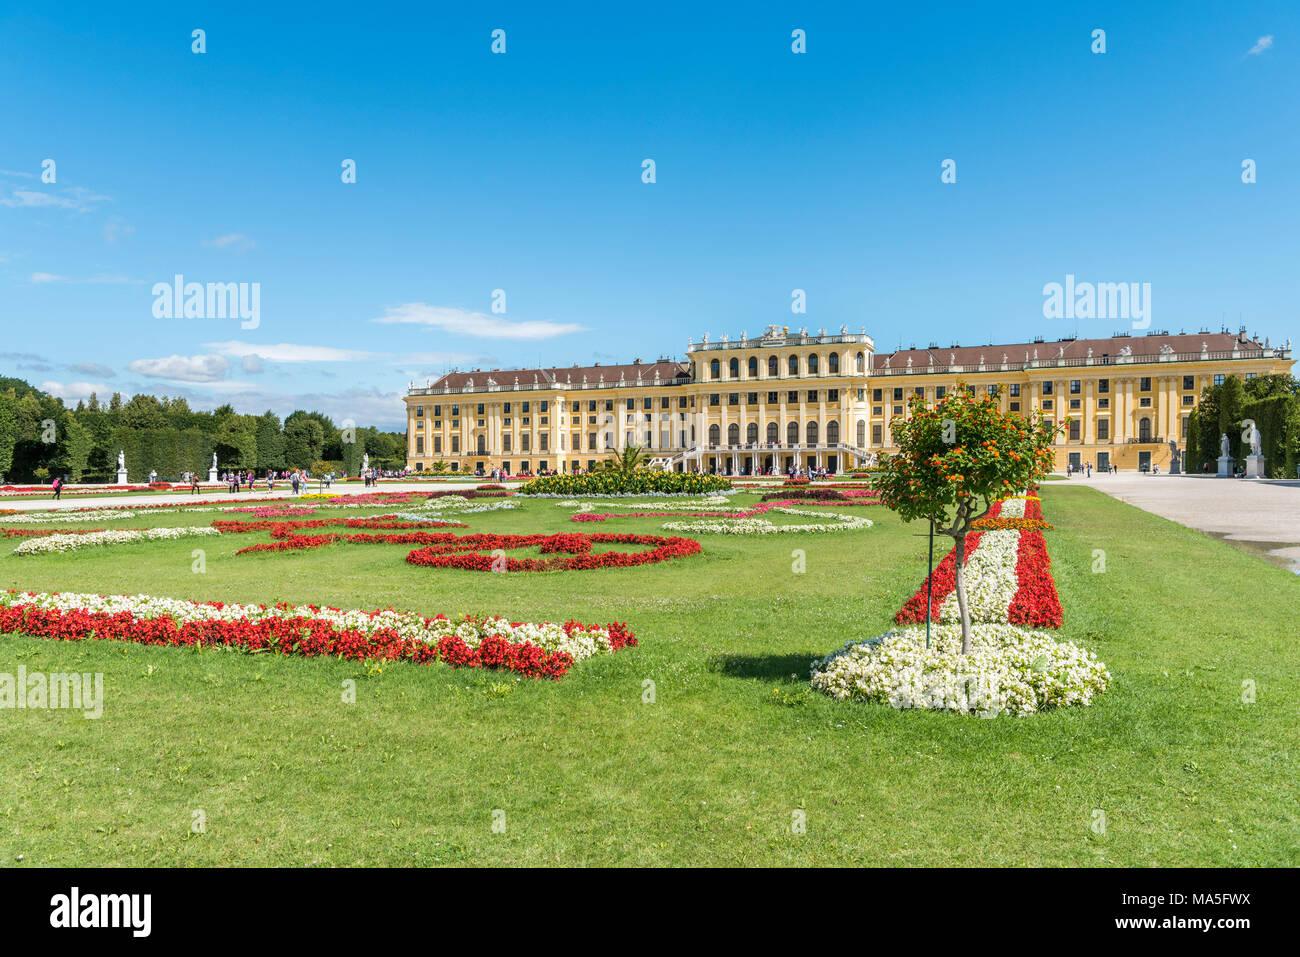 Vienne, Autriche, Europe. Le Grand Parterre, le plus grand espace ouvert dans les jardins de Schönbrunn. Photo Stock